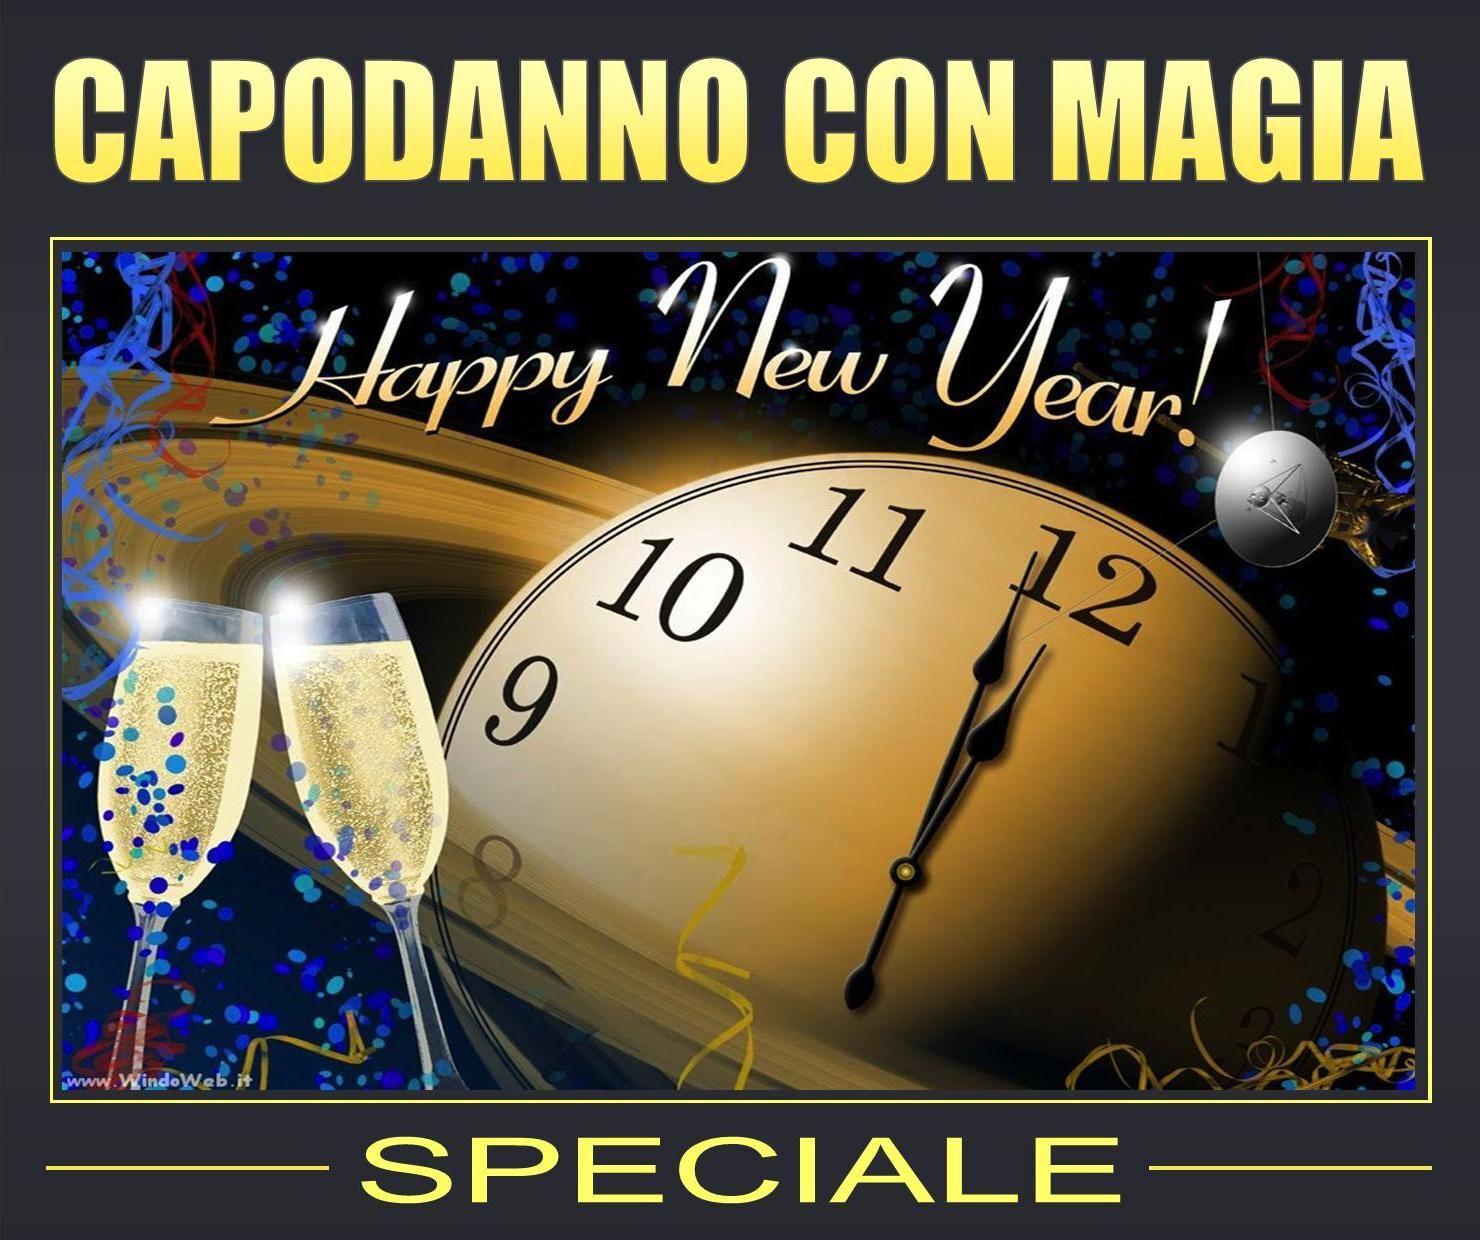 capodanno 2019 con magia all'hotel pacific fortino di torino